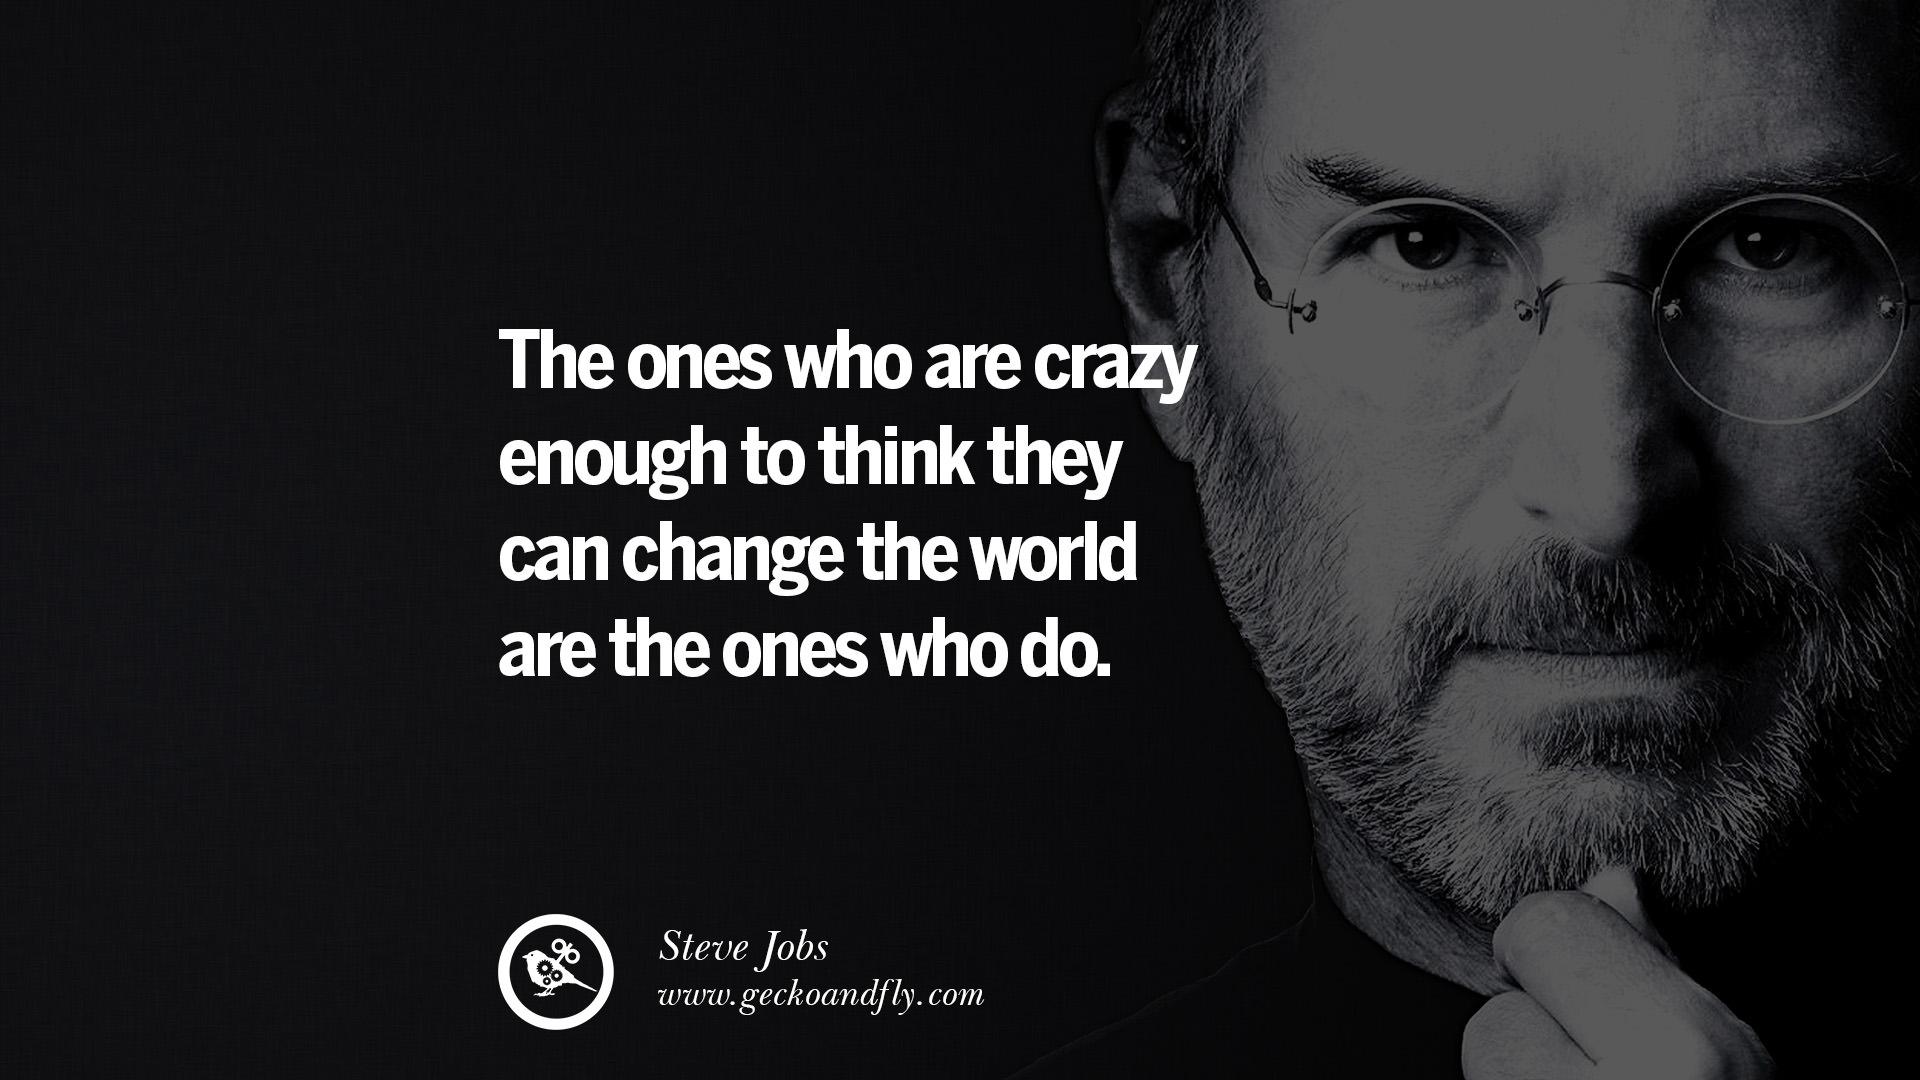 Steve Jobs Design Inspiration